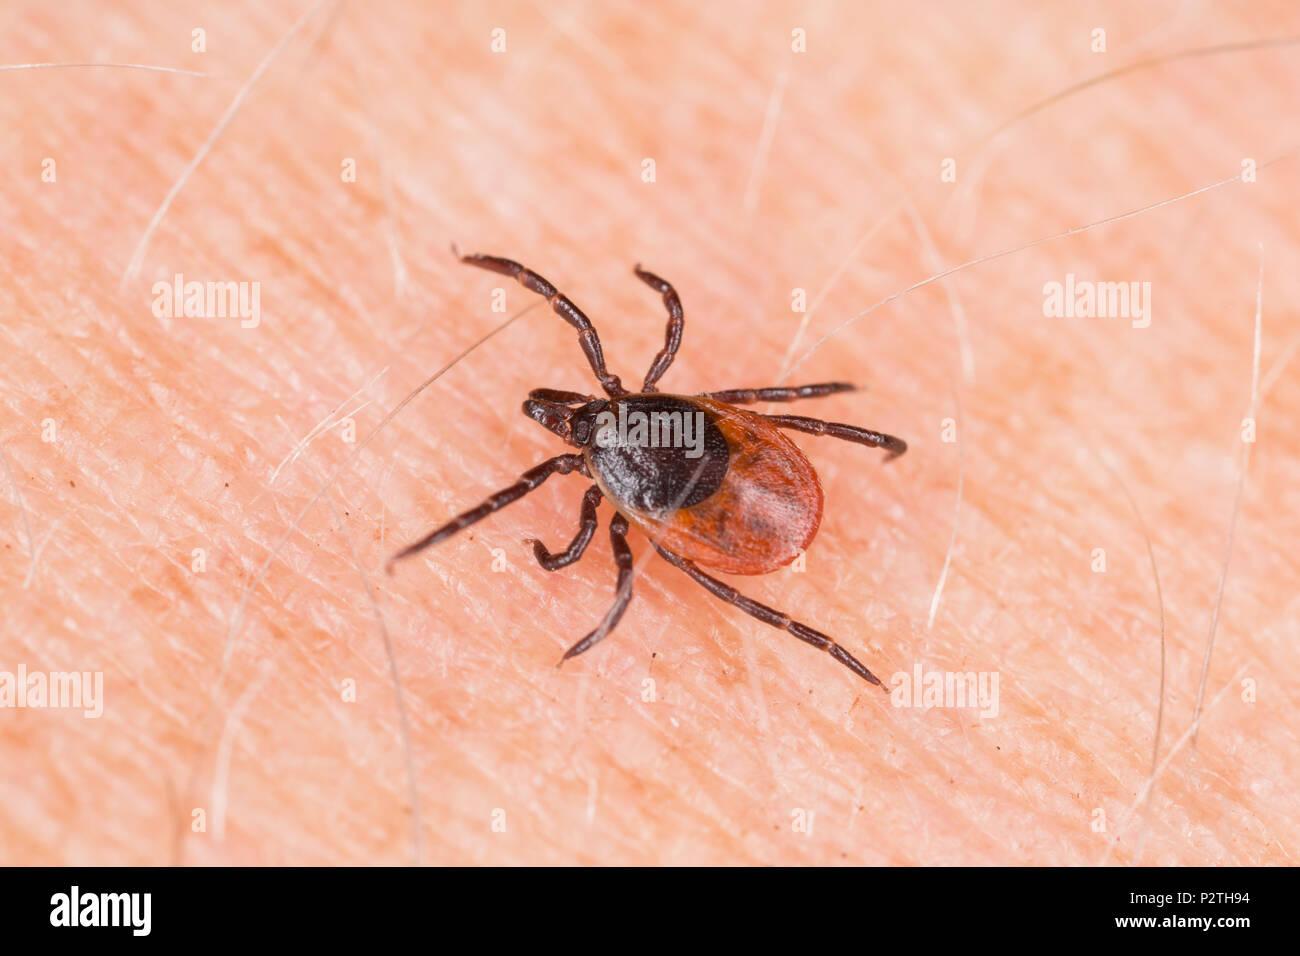 Una pulga hembra, Ixodes ricinus, arrastrándose sobre un brazo humano. Se encuentra en un área donde los ciervos y otros mamíferos están presentes. Esta garrapata es también conocido como Foto de stock